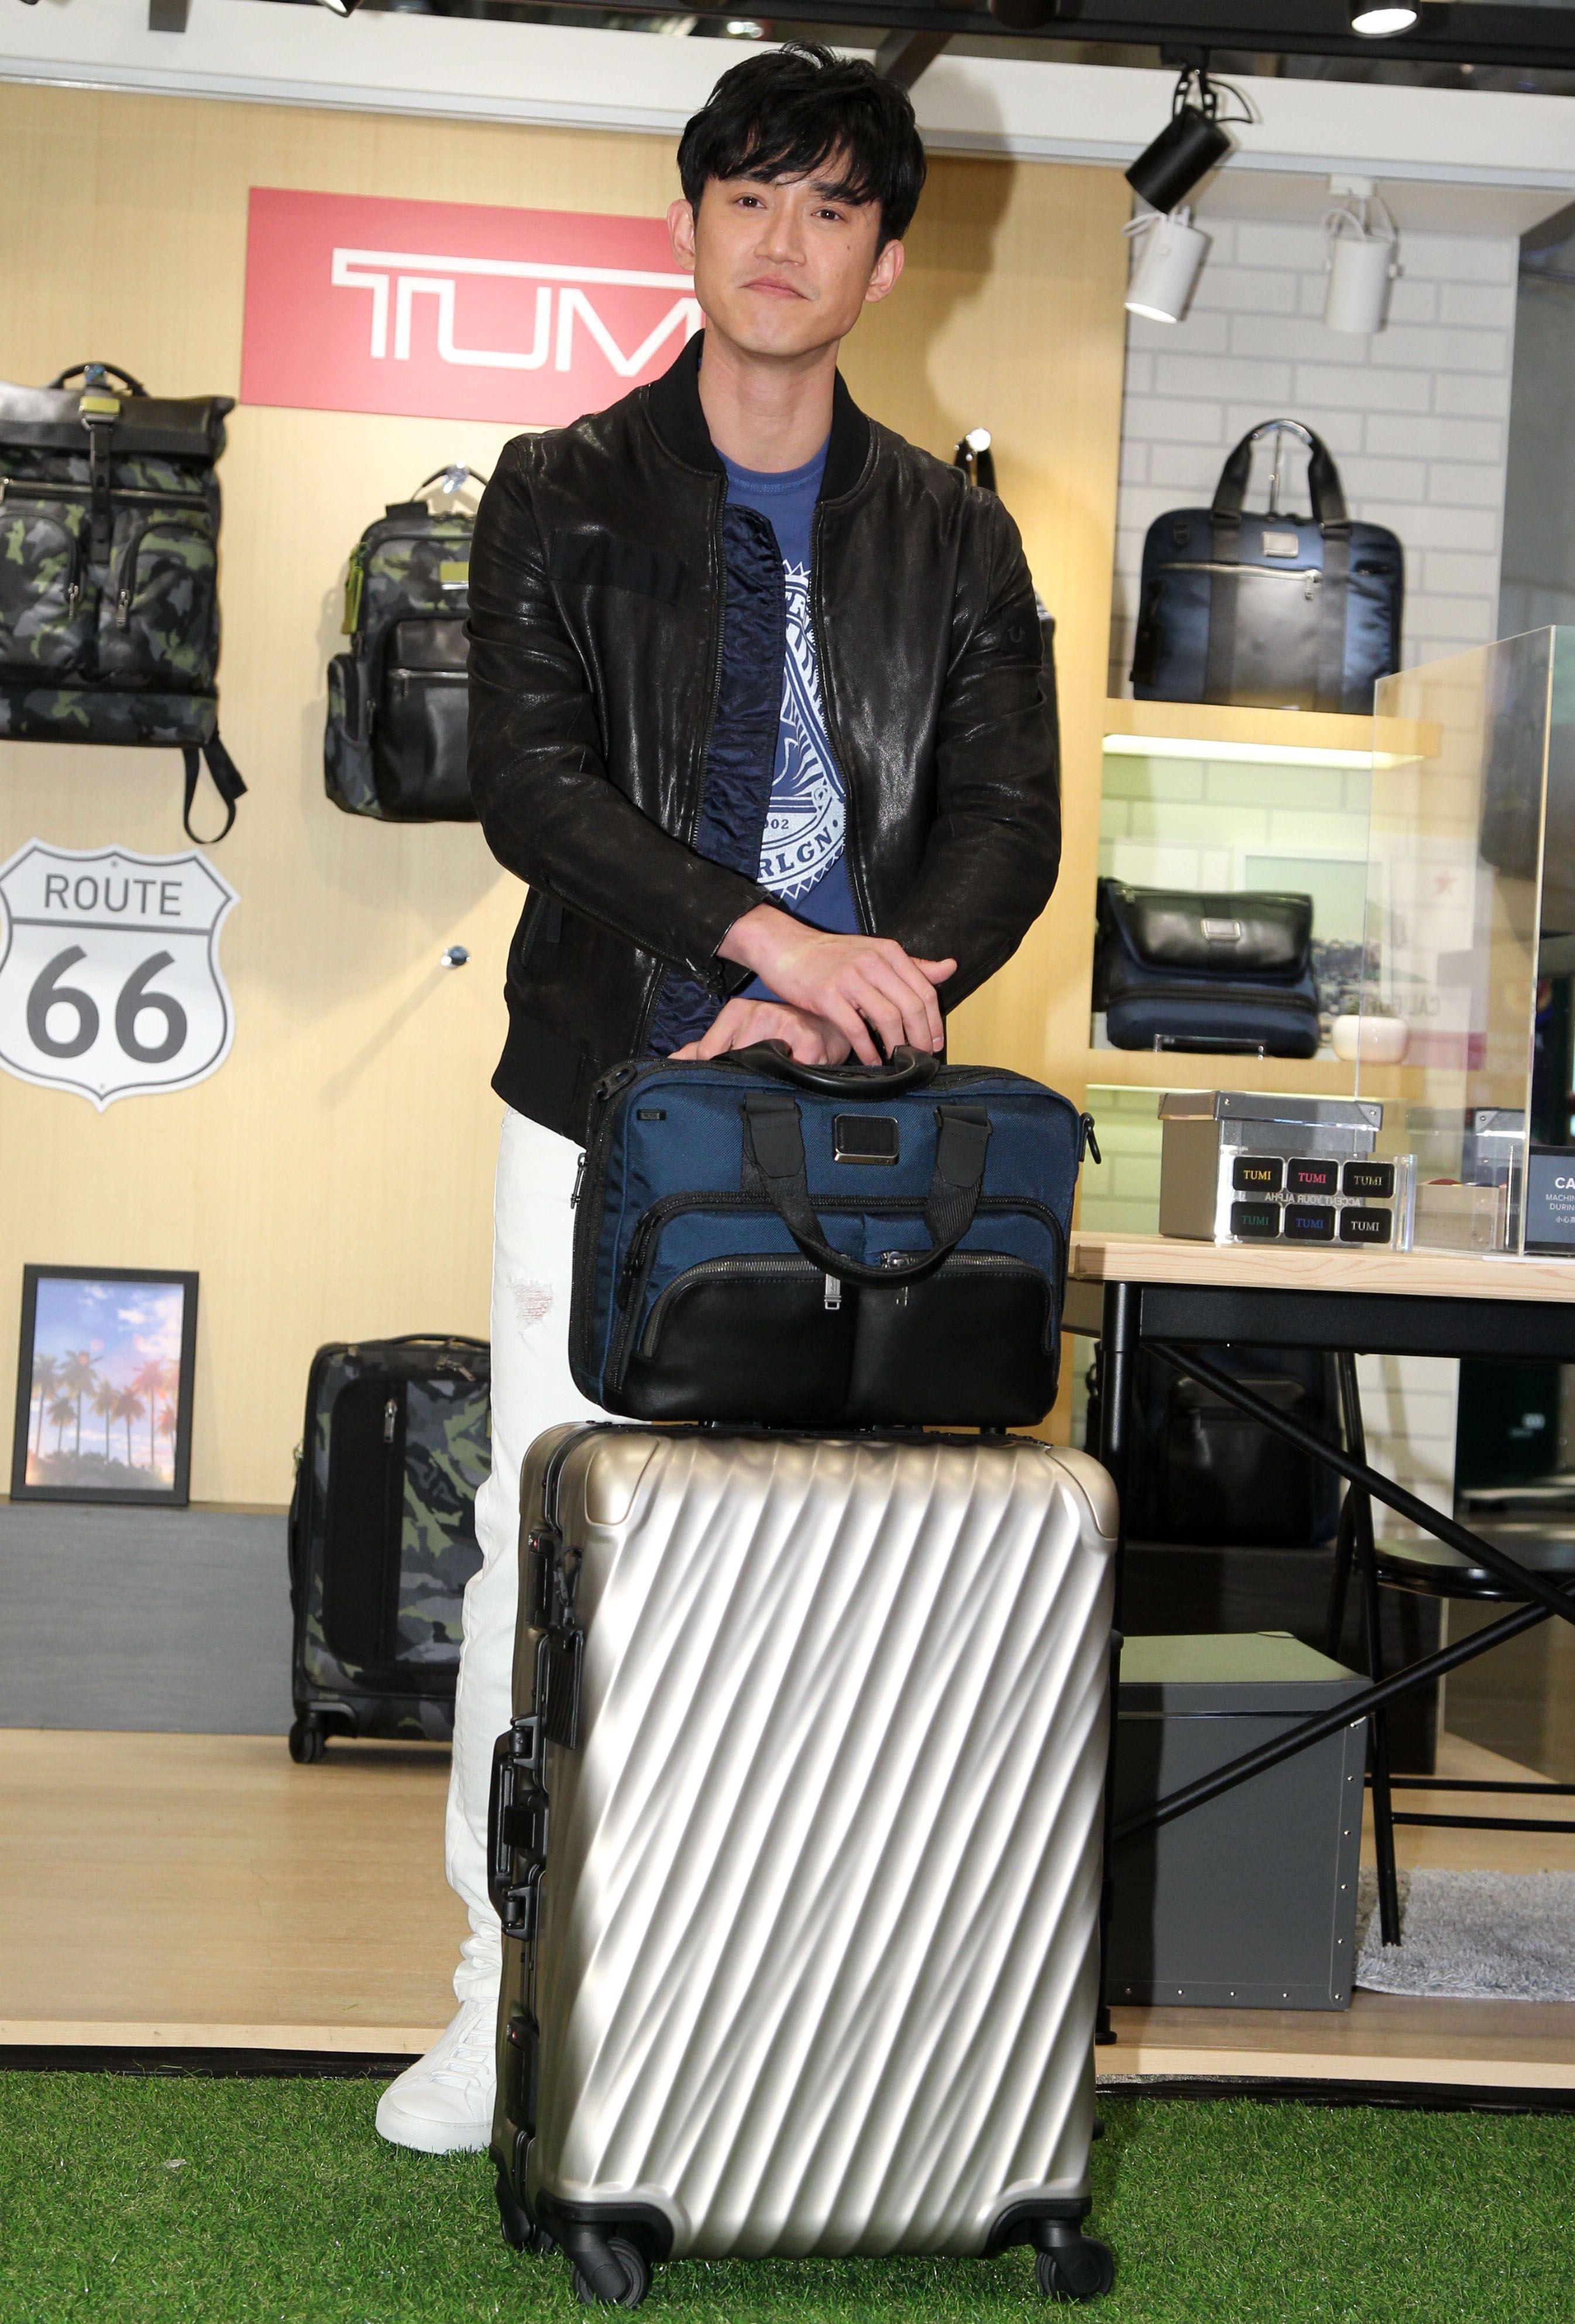 吳慷仁帥氣揹著旅行包想去冰島或西藏旅行。(記者邱榮吉/攝影)